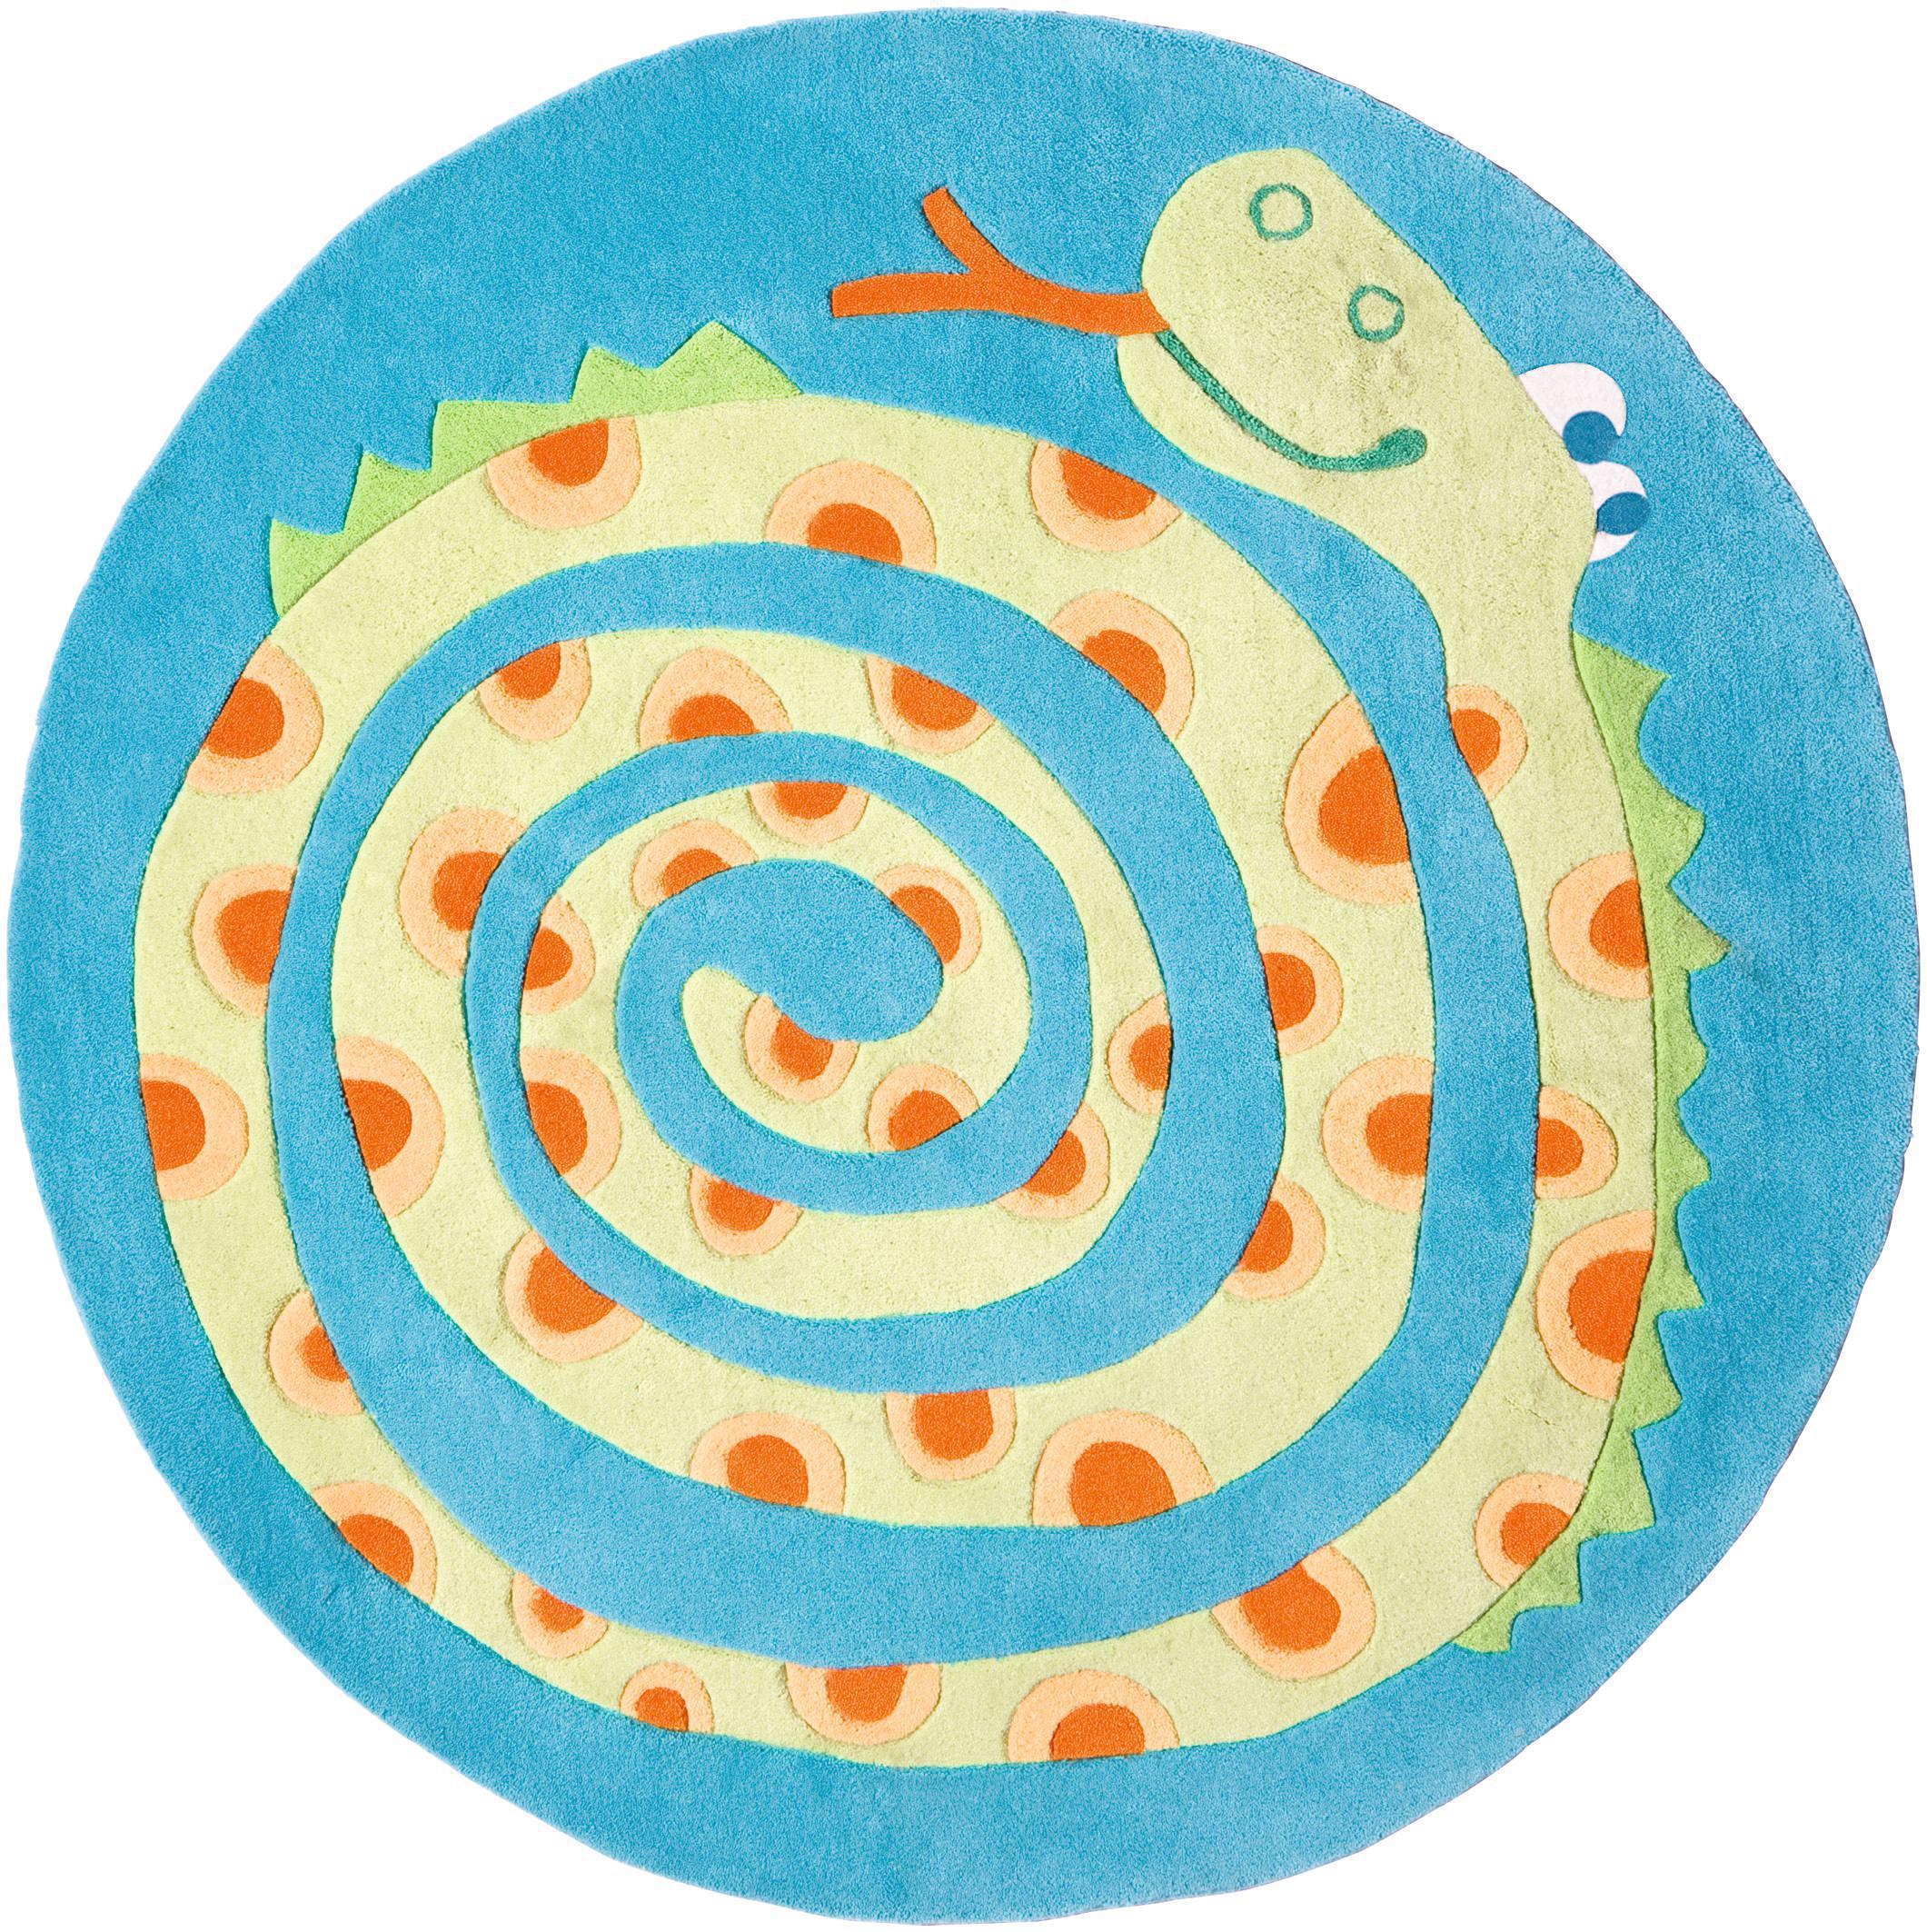 Kinderteppich haba  Hochwertige HABA Kinderteppiche | bei Kinderlampenland.de